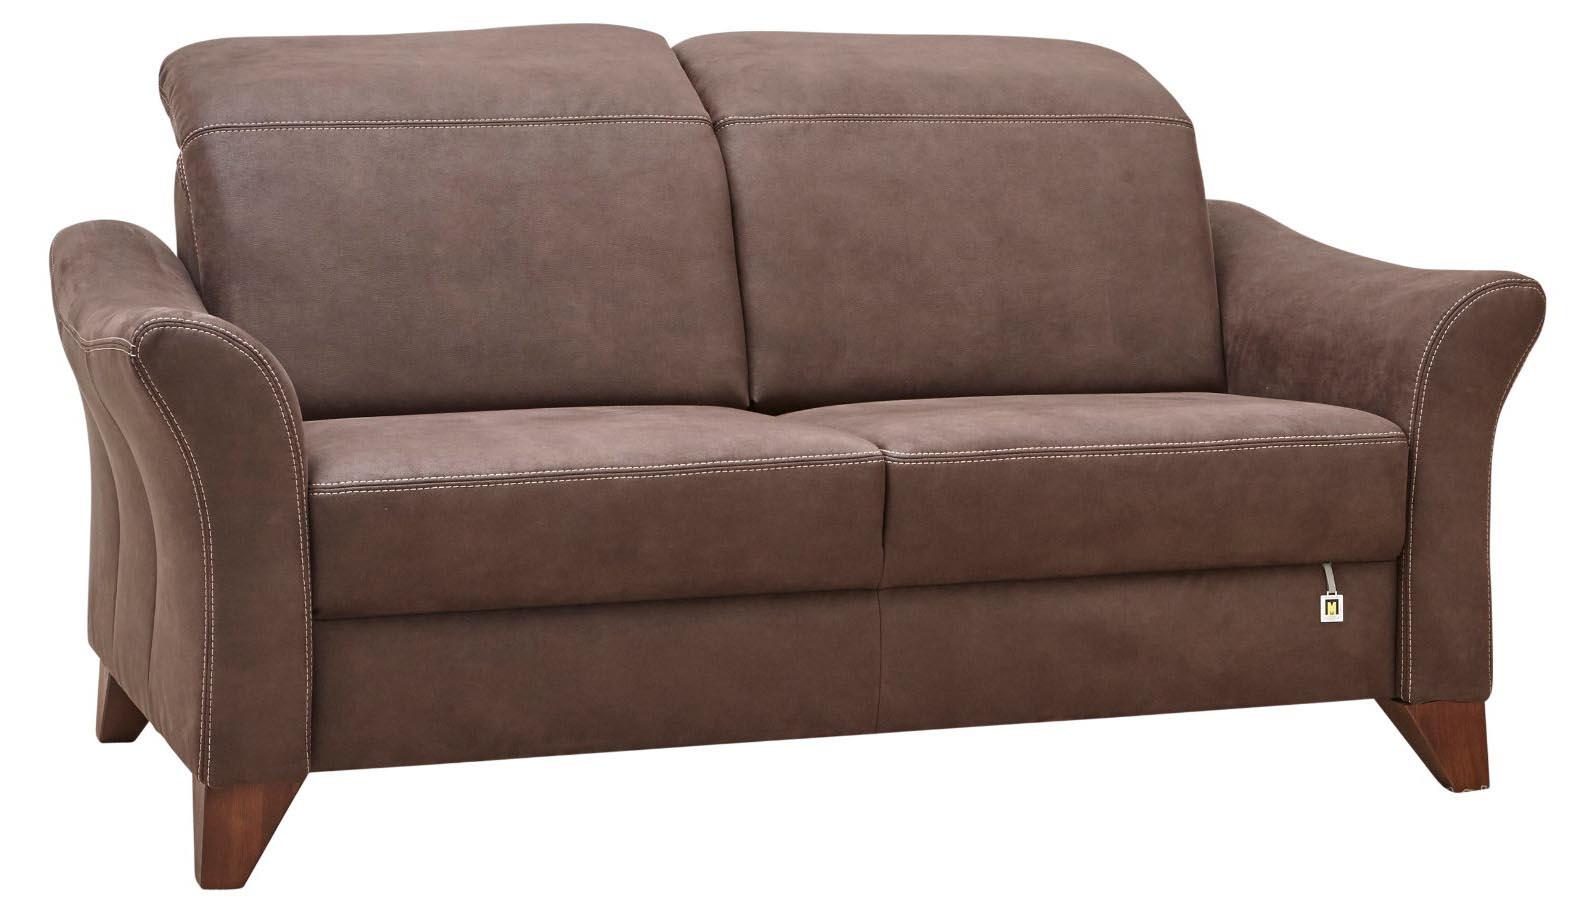 2,5 Sitzer Sofa Lebensart Canterbury braun mit dunklen Füßen braun